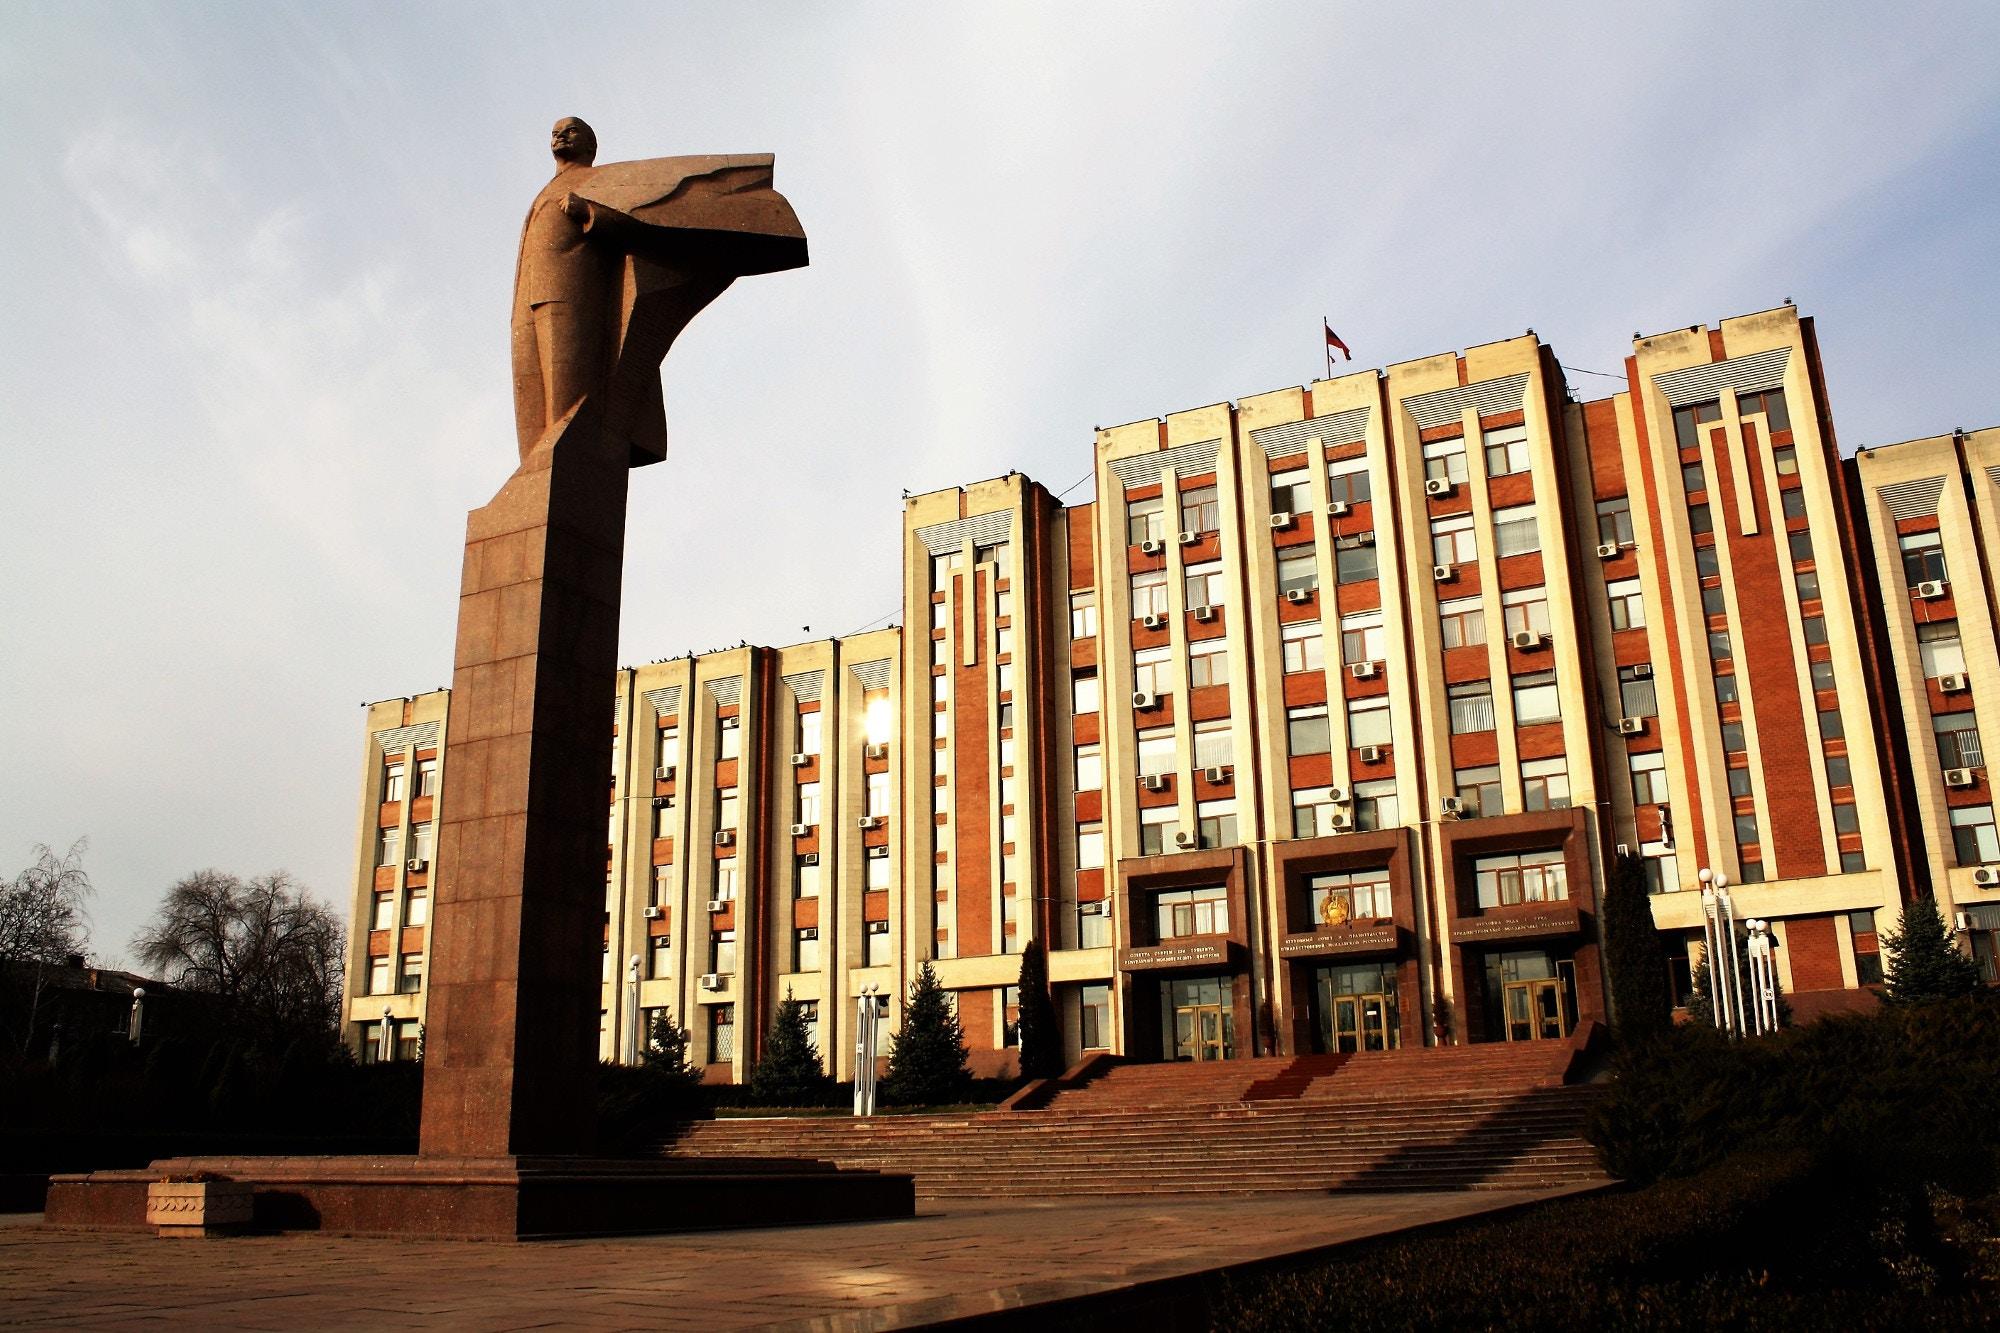 A Lenin statue in Tiraspol, Transdniestr © Richard Collett